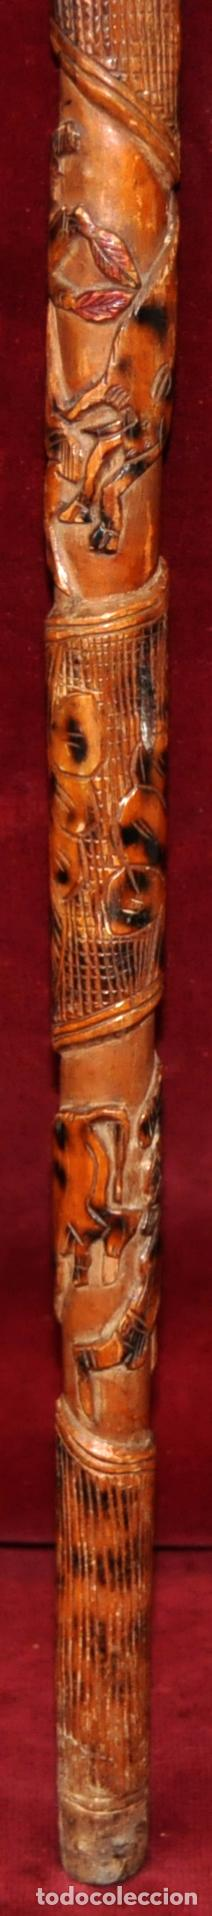 Antigüedades: ANTIGUO BASTON EN MADERA TROPICAL Y DECORACIONES TALLADAS A MANO. CIRCA 1900 - Foto 4 - 71174053